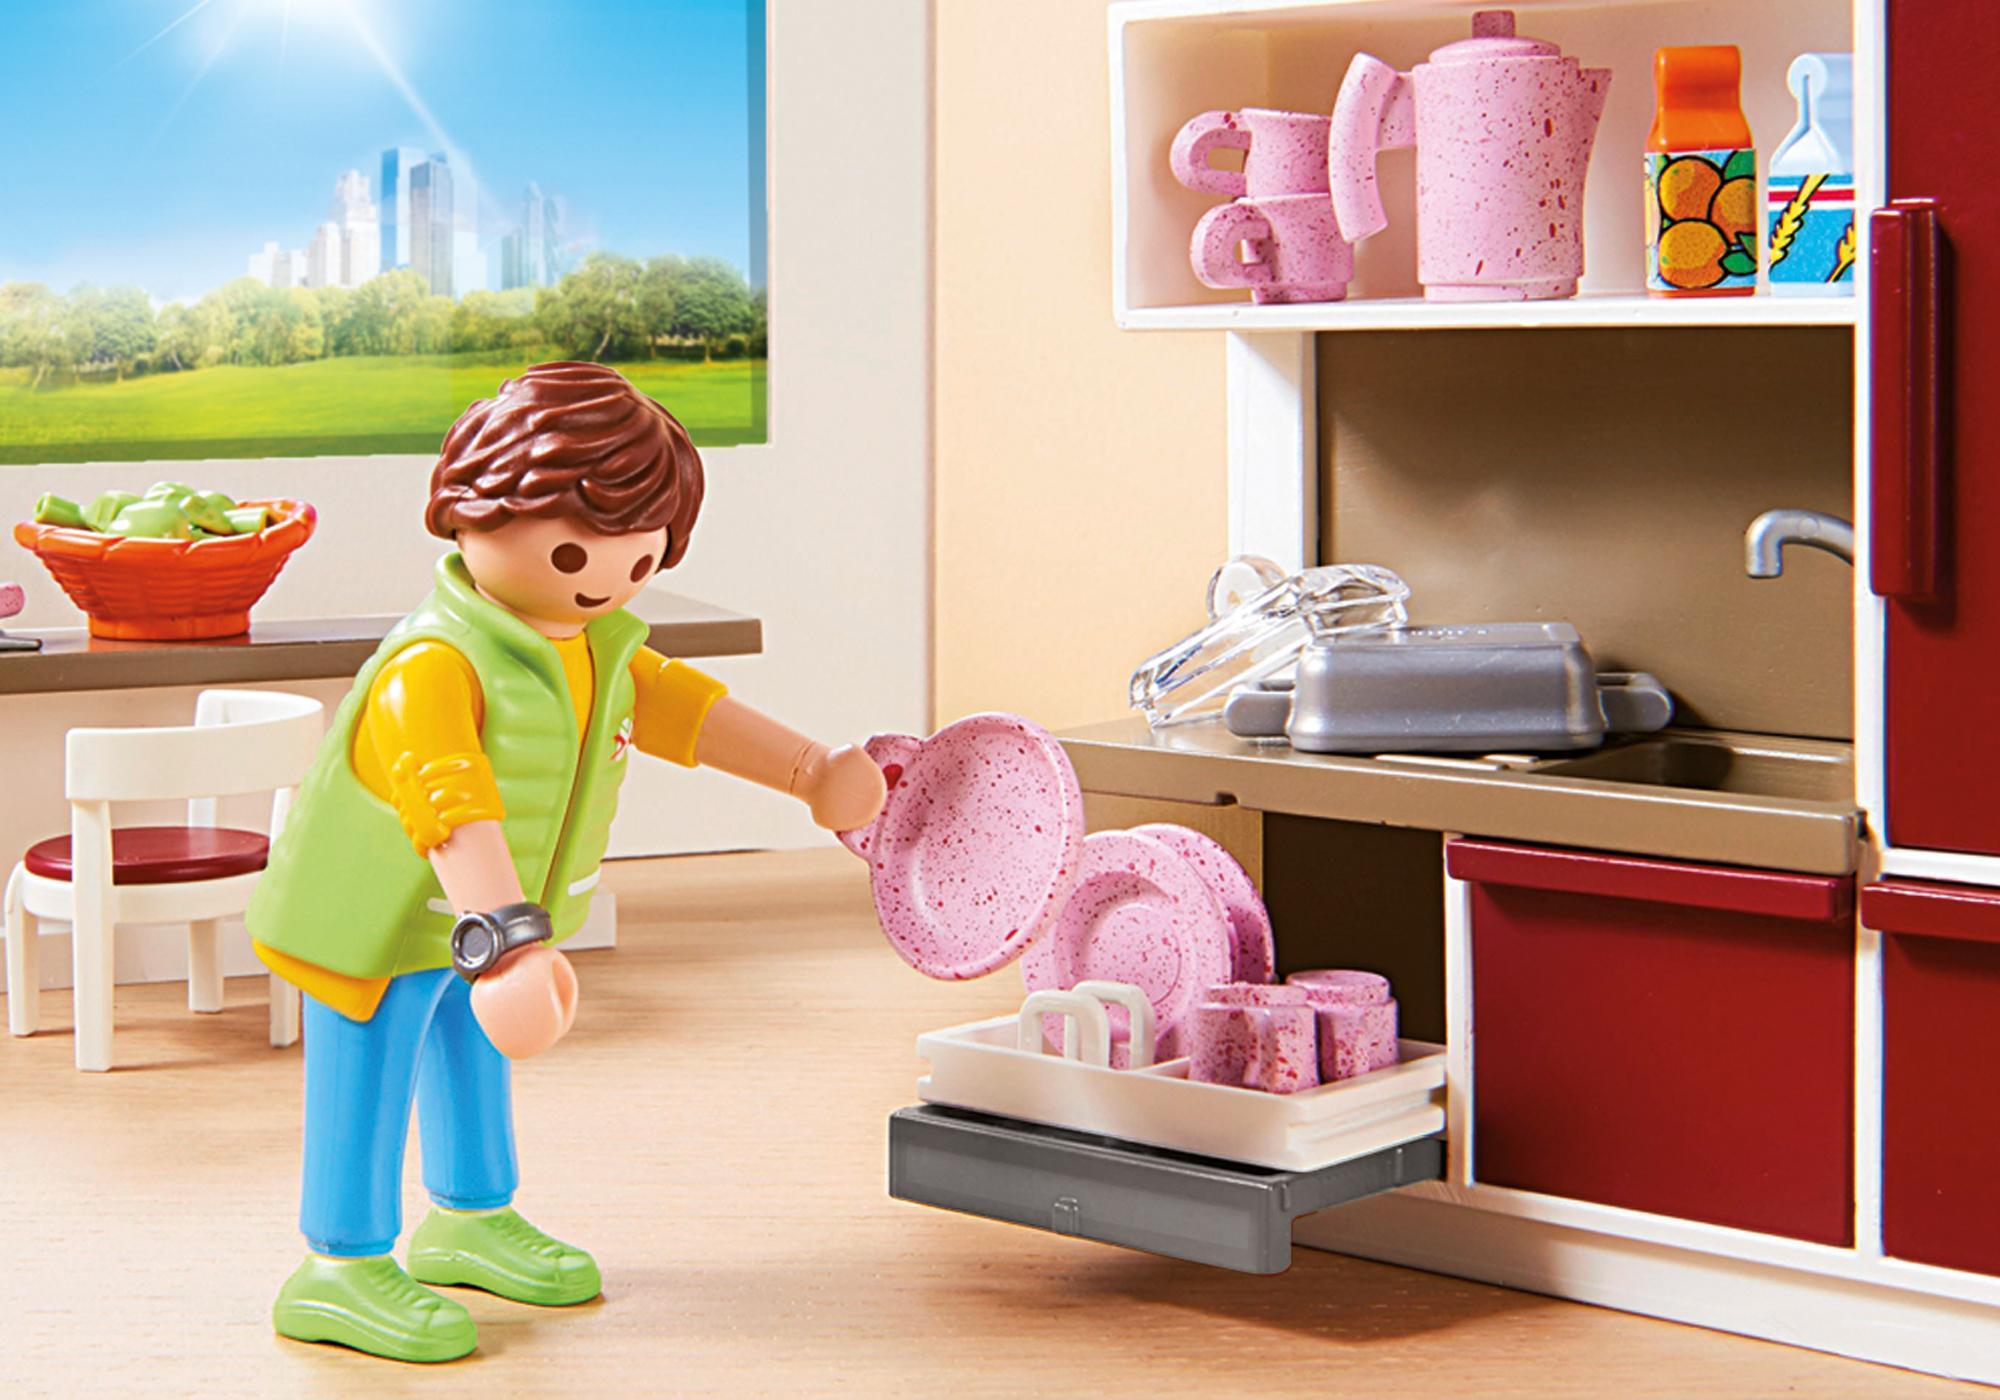 http://media.playmobil.com/i/playmobil/9269_product_extra2/Leefkeuken